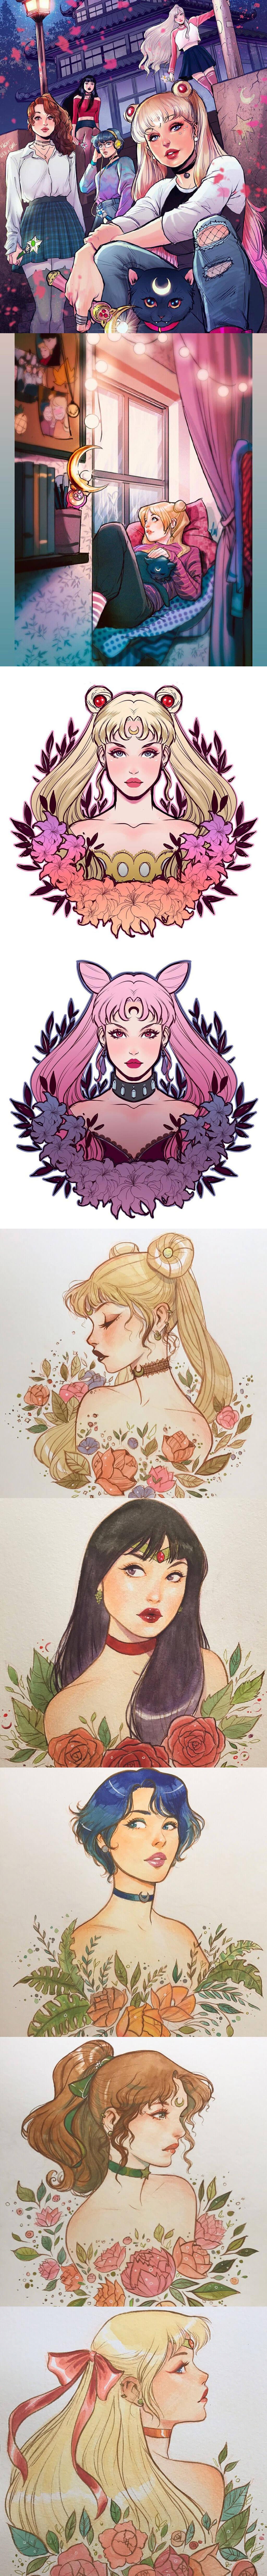 Sailor Moon Fan Art by Lucas Werneck